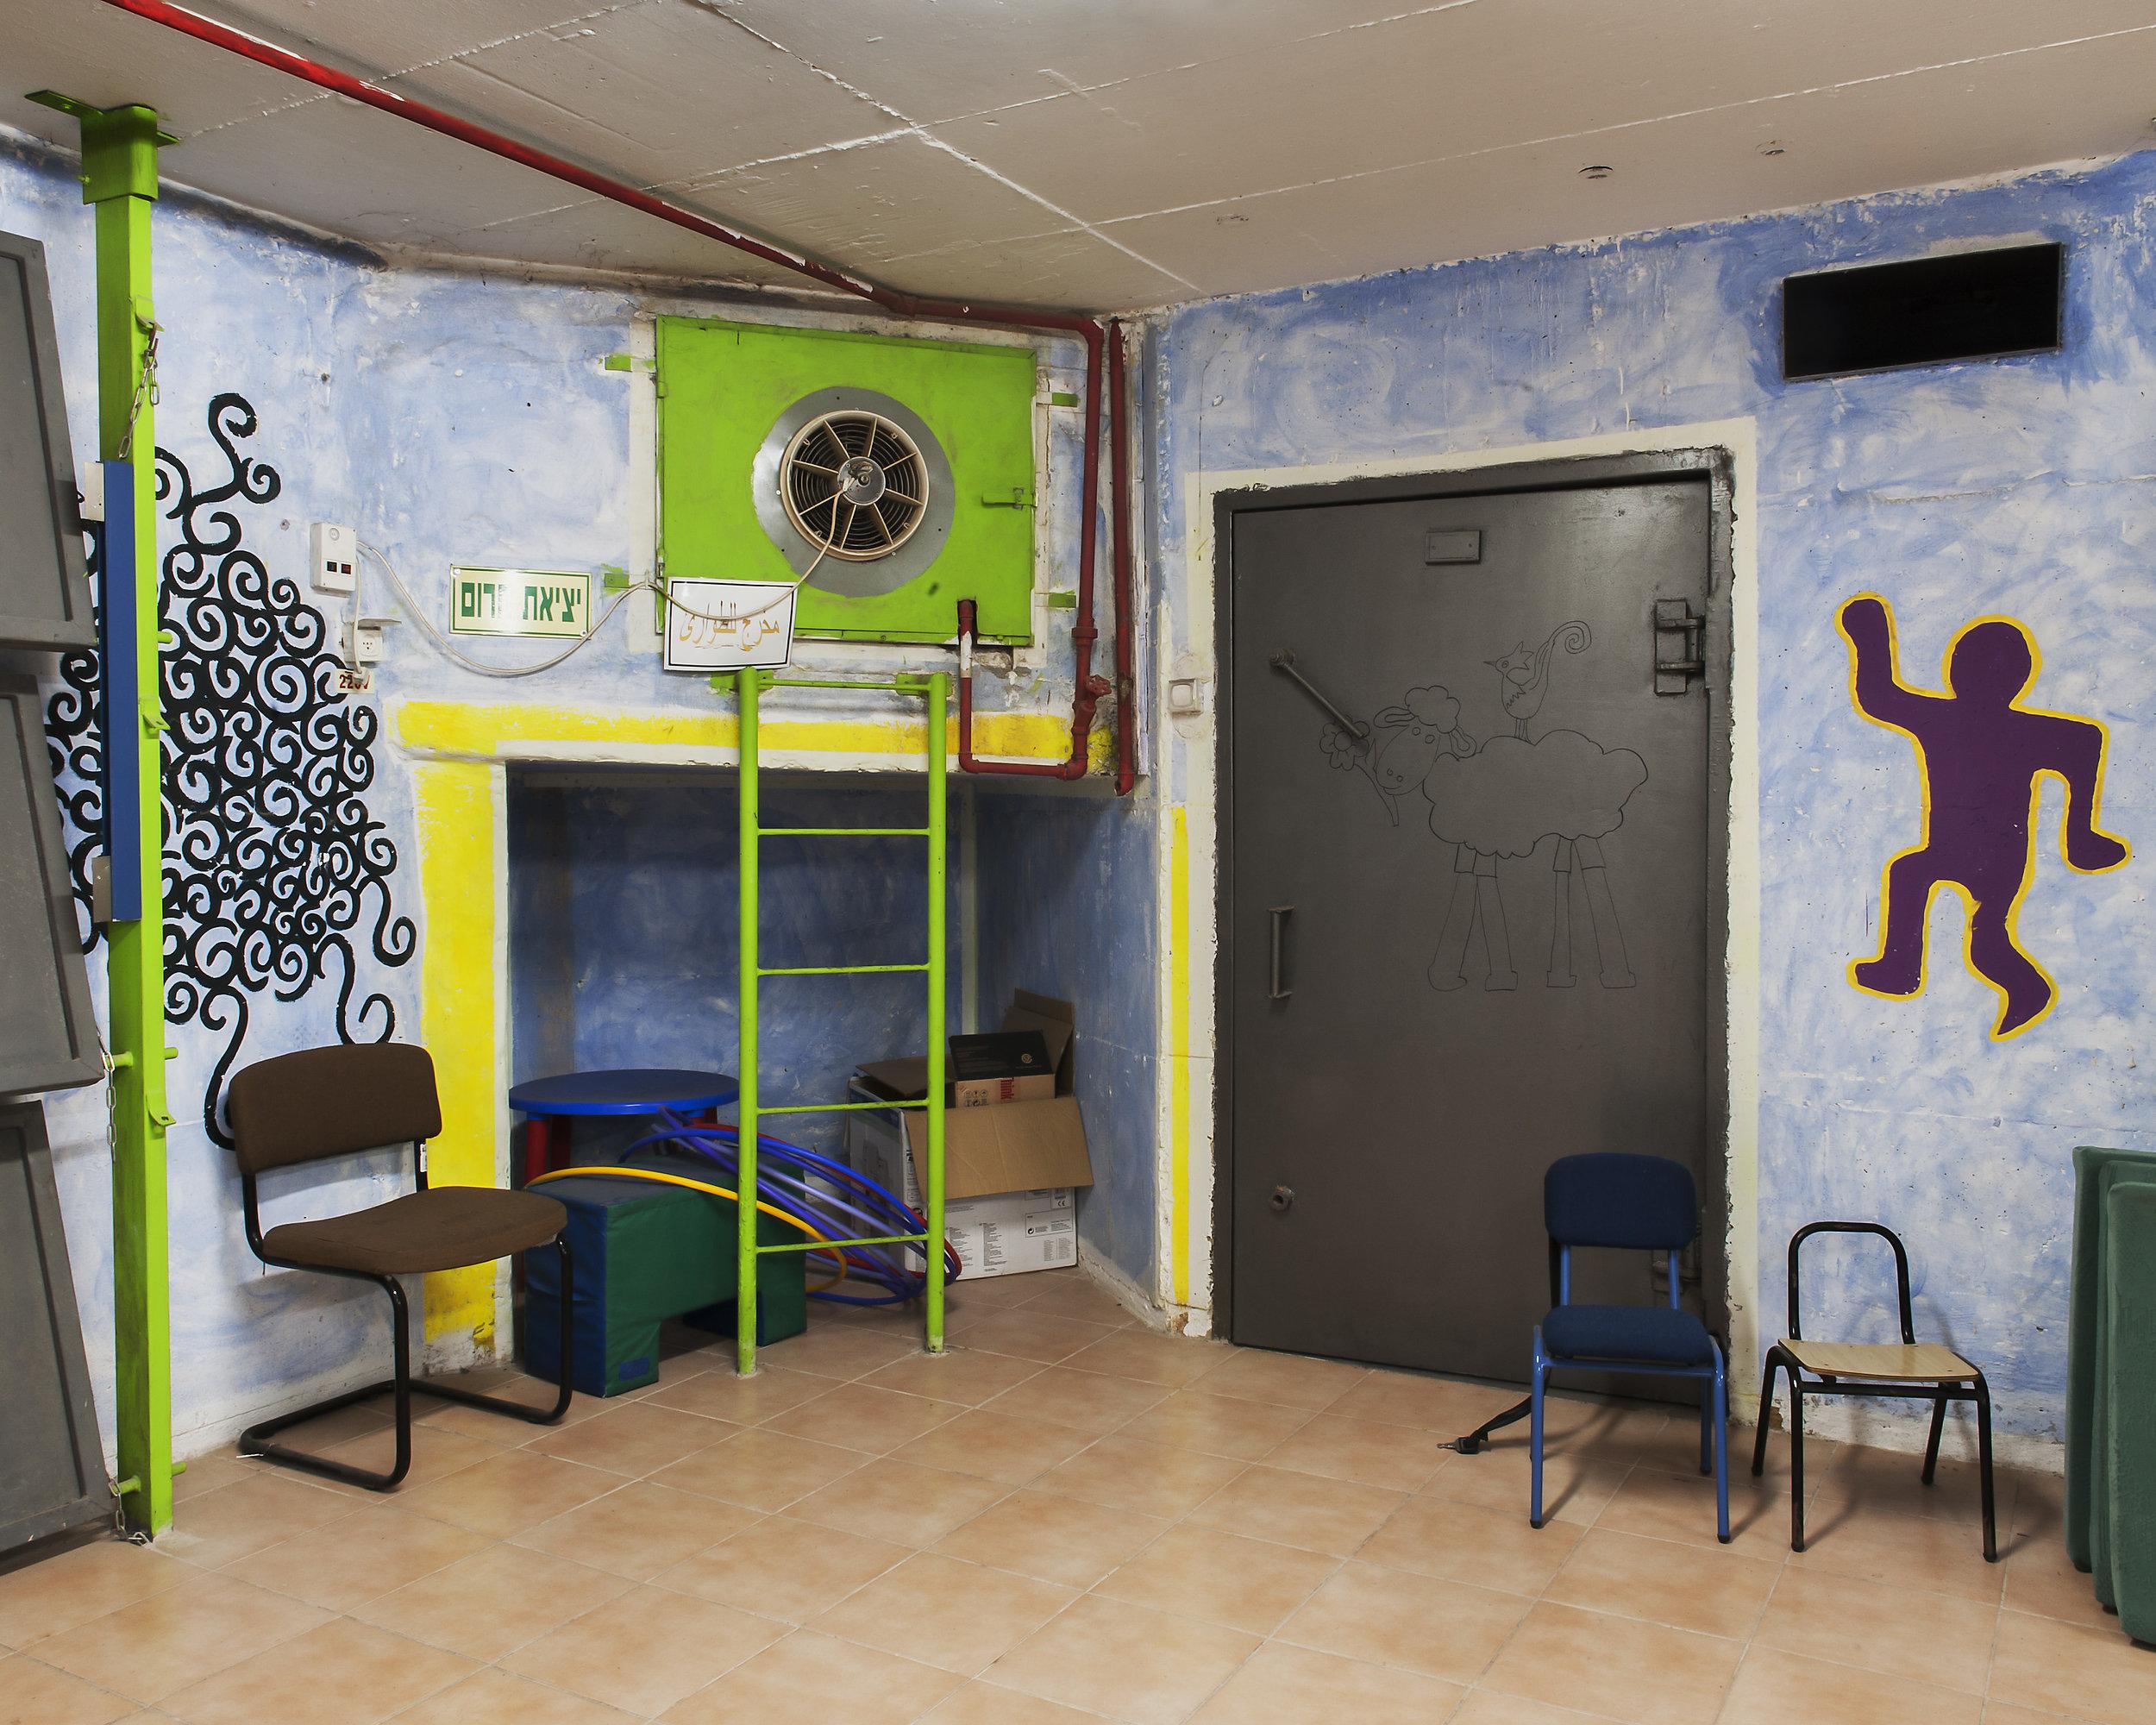 Bunker einer Grundschule © Adam Reynolds/Edition Lammerhuber